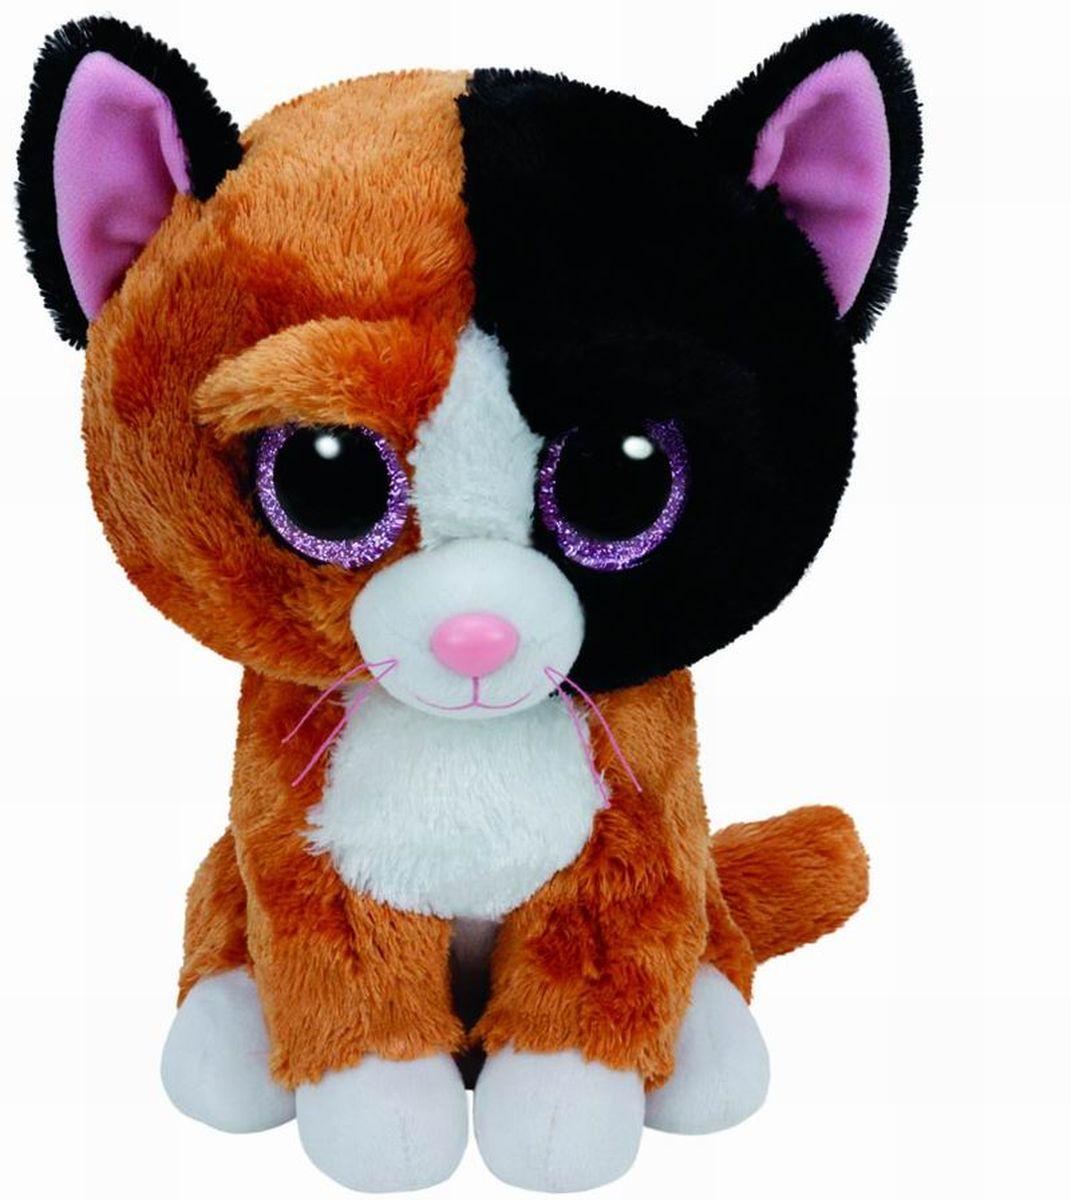 TY Beanie Boos Мягкая игрушка Котенок Tauri 25 см37064Замечательная мягкая игрушка серии TY станет самым лучшим другом вашему малышу. Особенность игрушки в том, что она понравится как мальчикам , так и девочкам. Замечательный игрушки TY с невероятно добрыми искренними глазками еще никого не оставлял равнодушным! Игрушка развивает: - тактильные навыки, - зрительную координацию, - мелкую моторику рук. От 3-х лет.